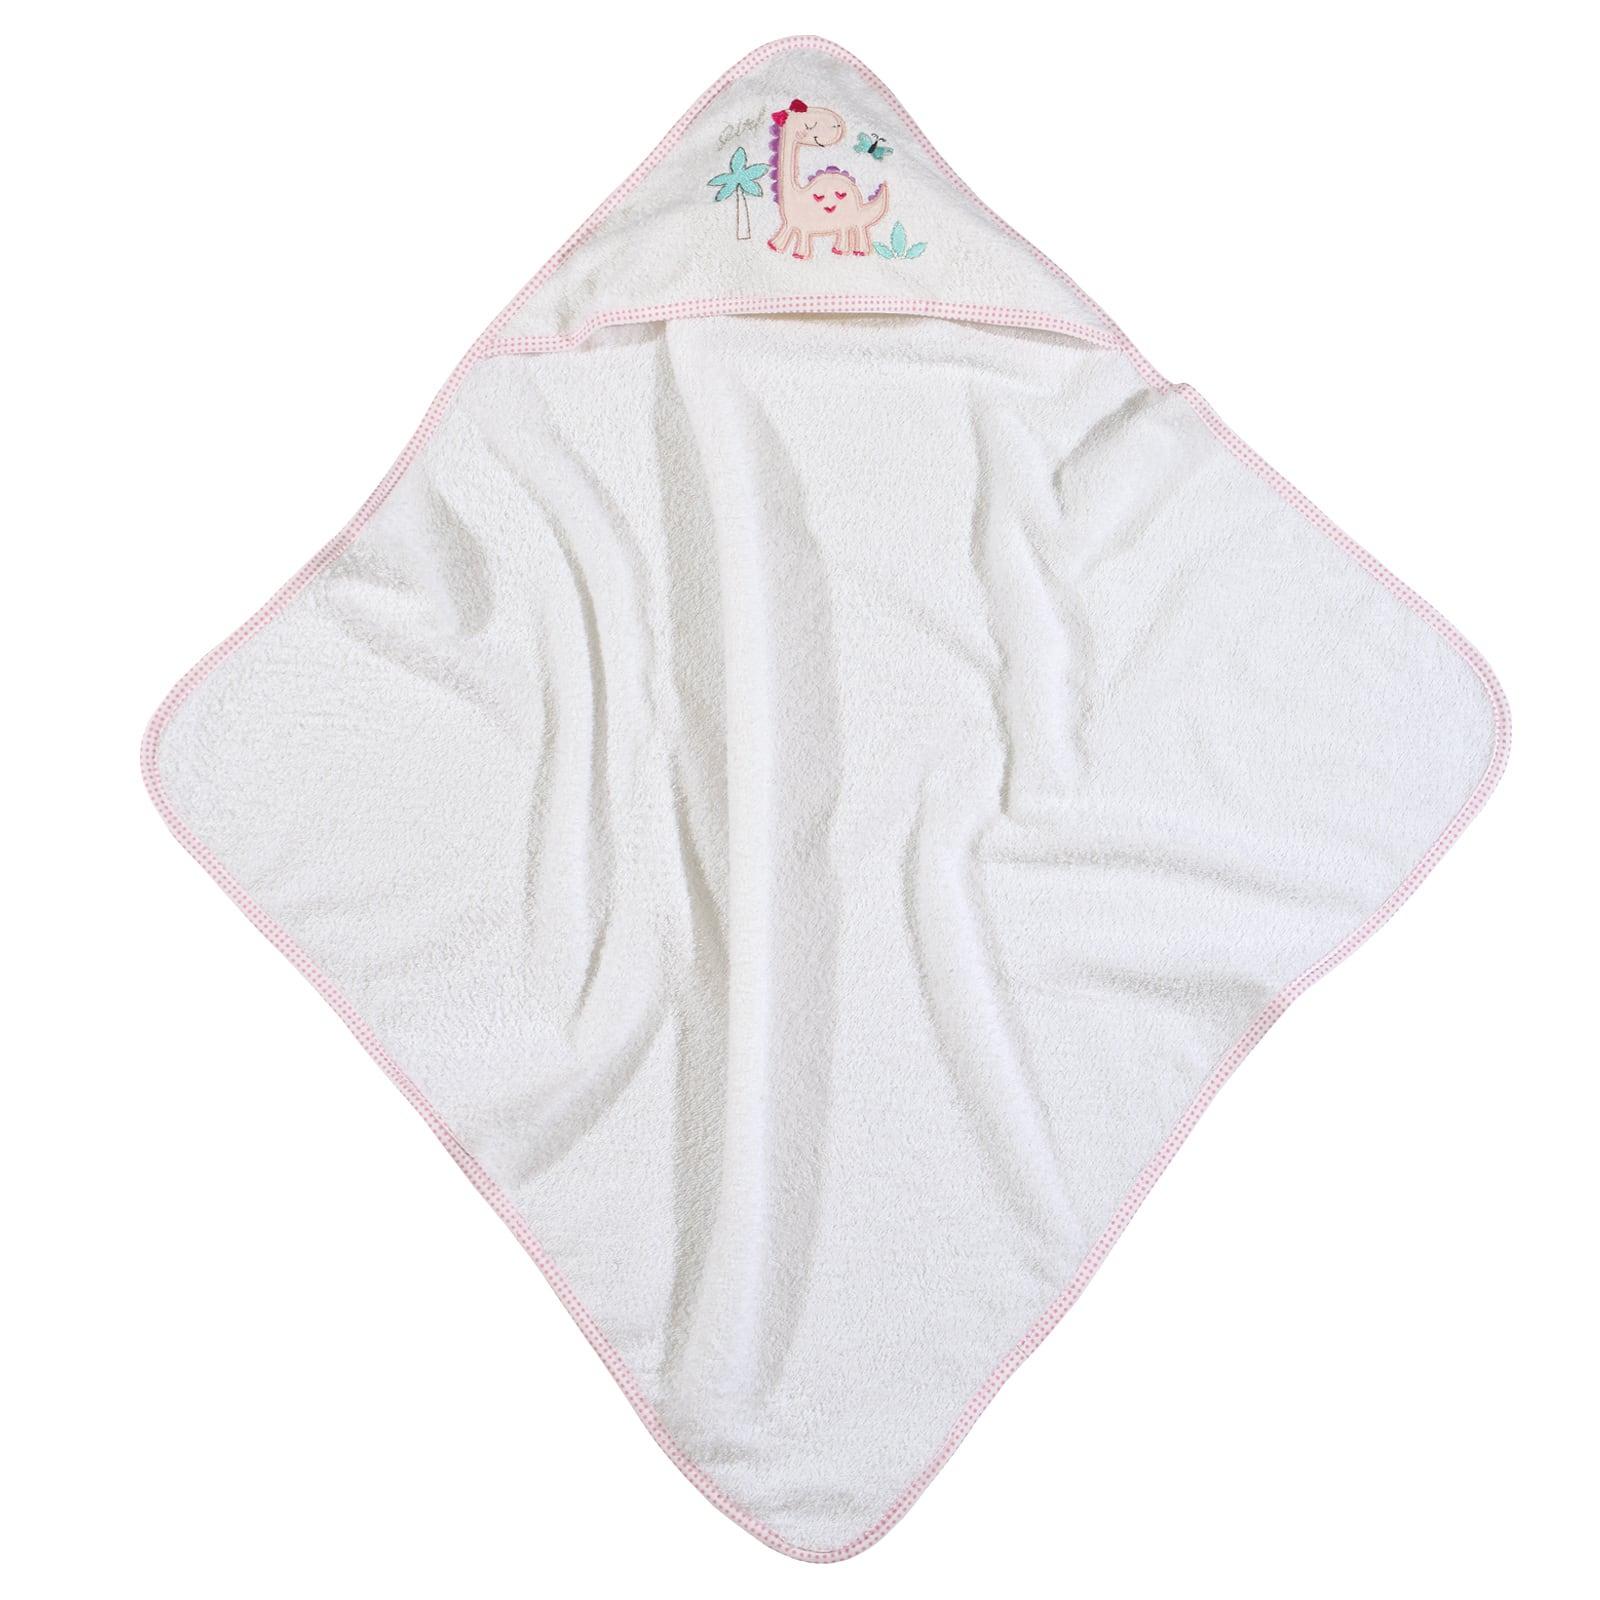 Κάπα Βρεφική 6572 Baby Smile Embroidery White-Pink Das Baby 0-2 ετών 75x75cm